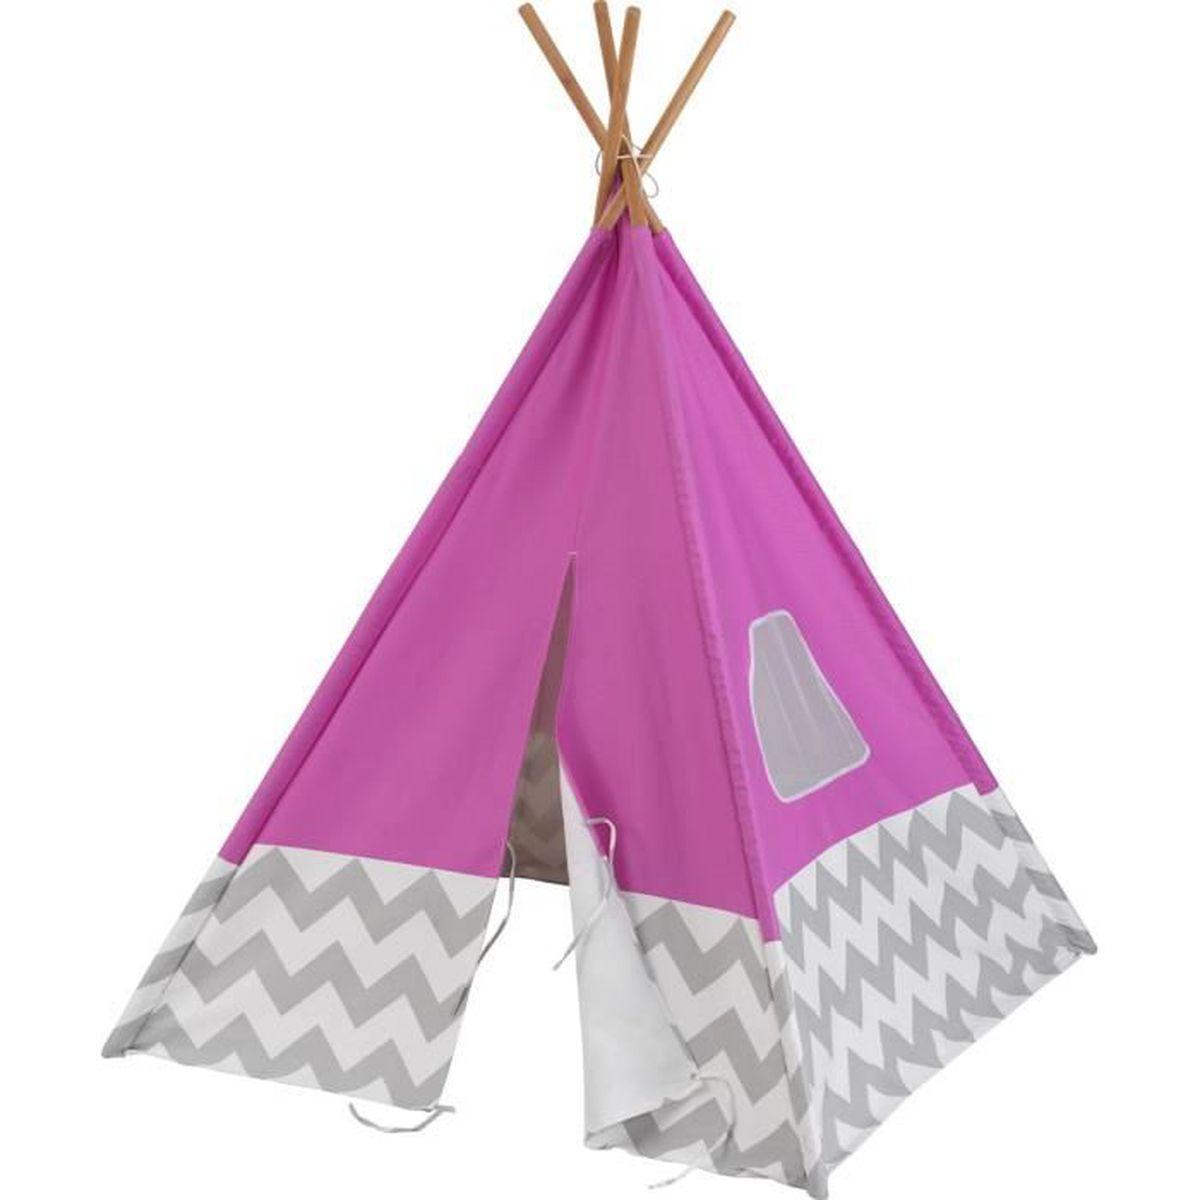 Tente Chambre Garcon avec tente tipi d'indien pour chambre d'enfant rose et grise - achat